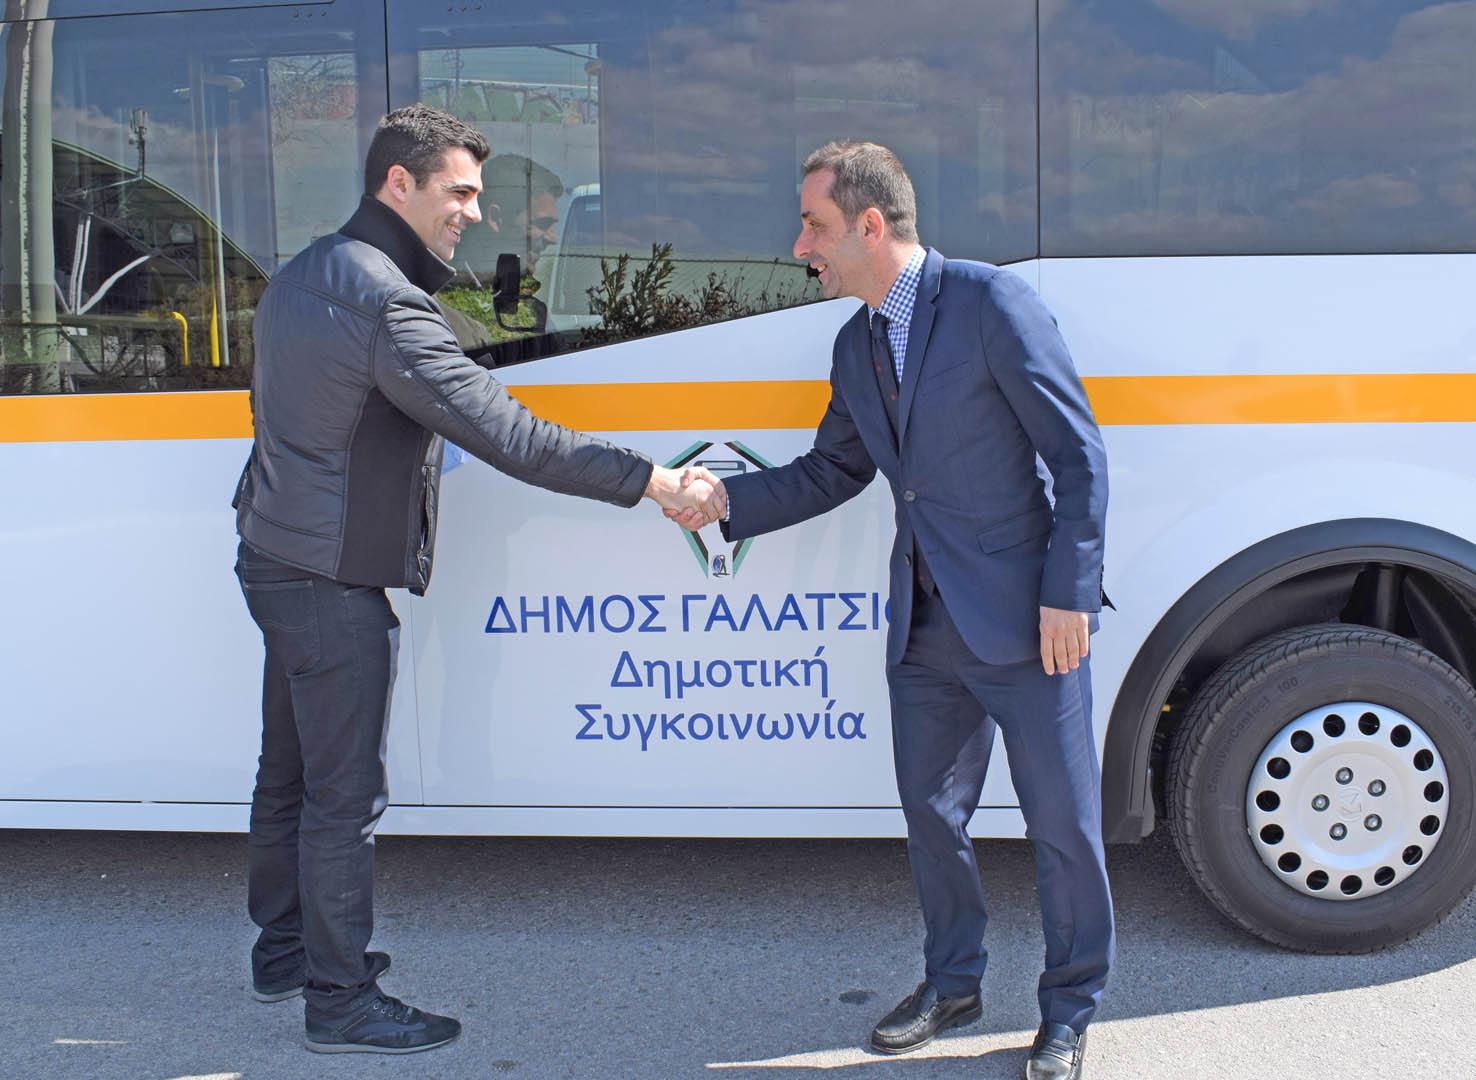 Παραλήφθηκαν τα 2 λεωφορεία της Δημοτικής Συγκοινωνίας Γαλατσίου